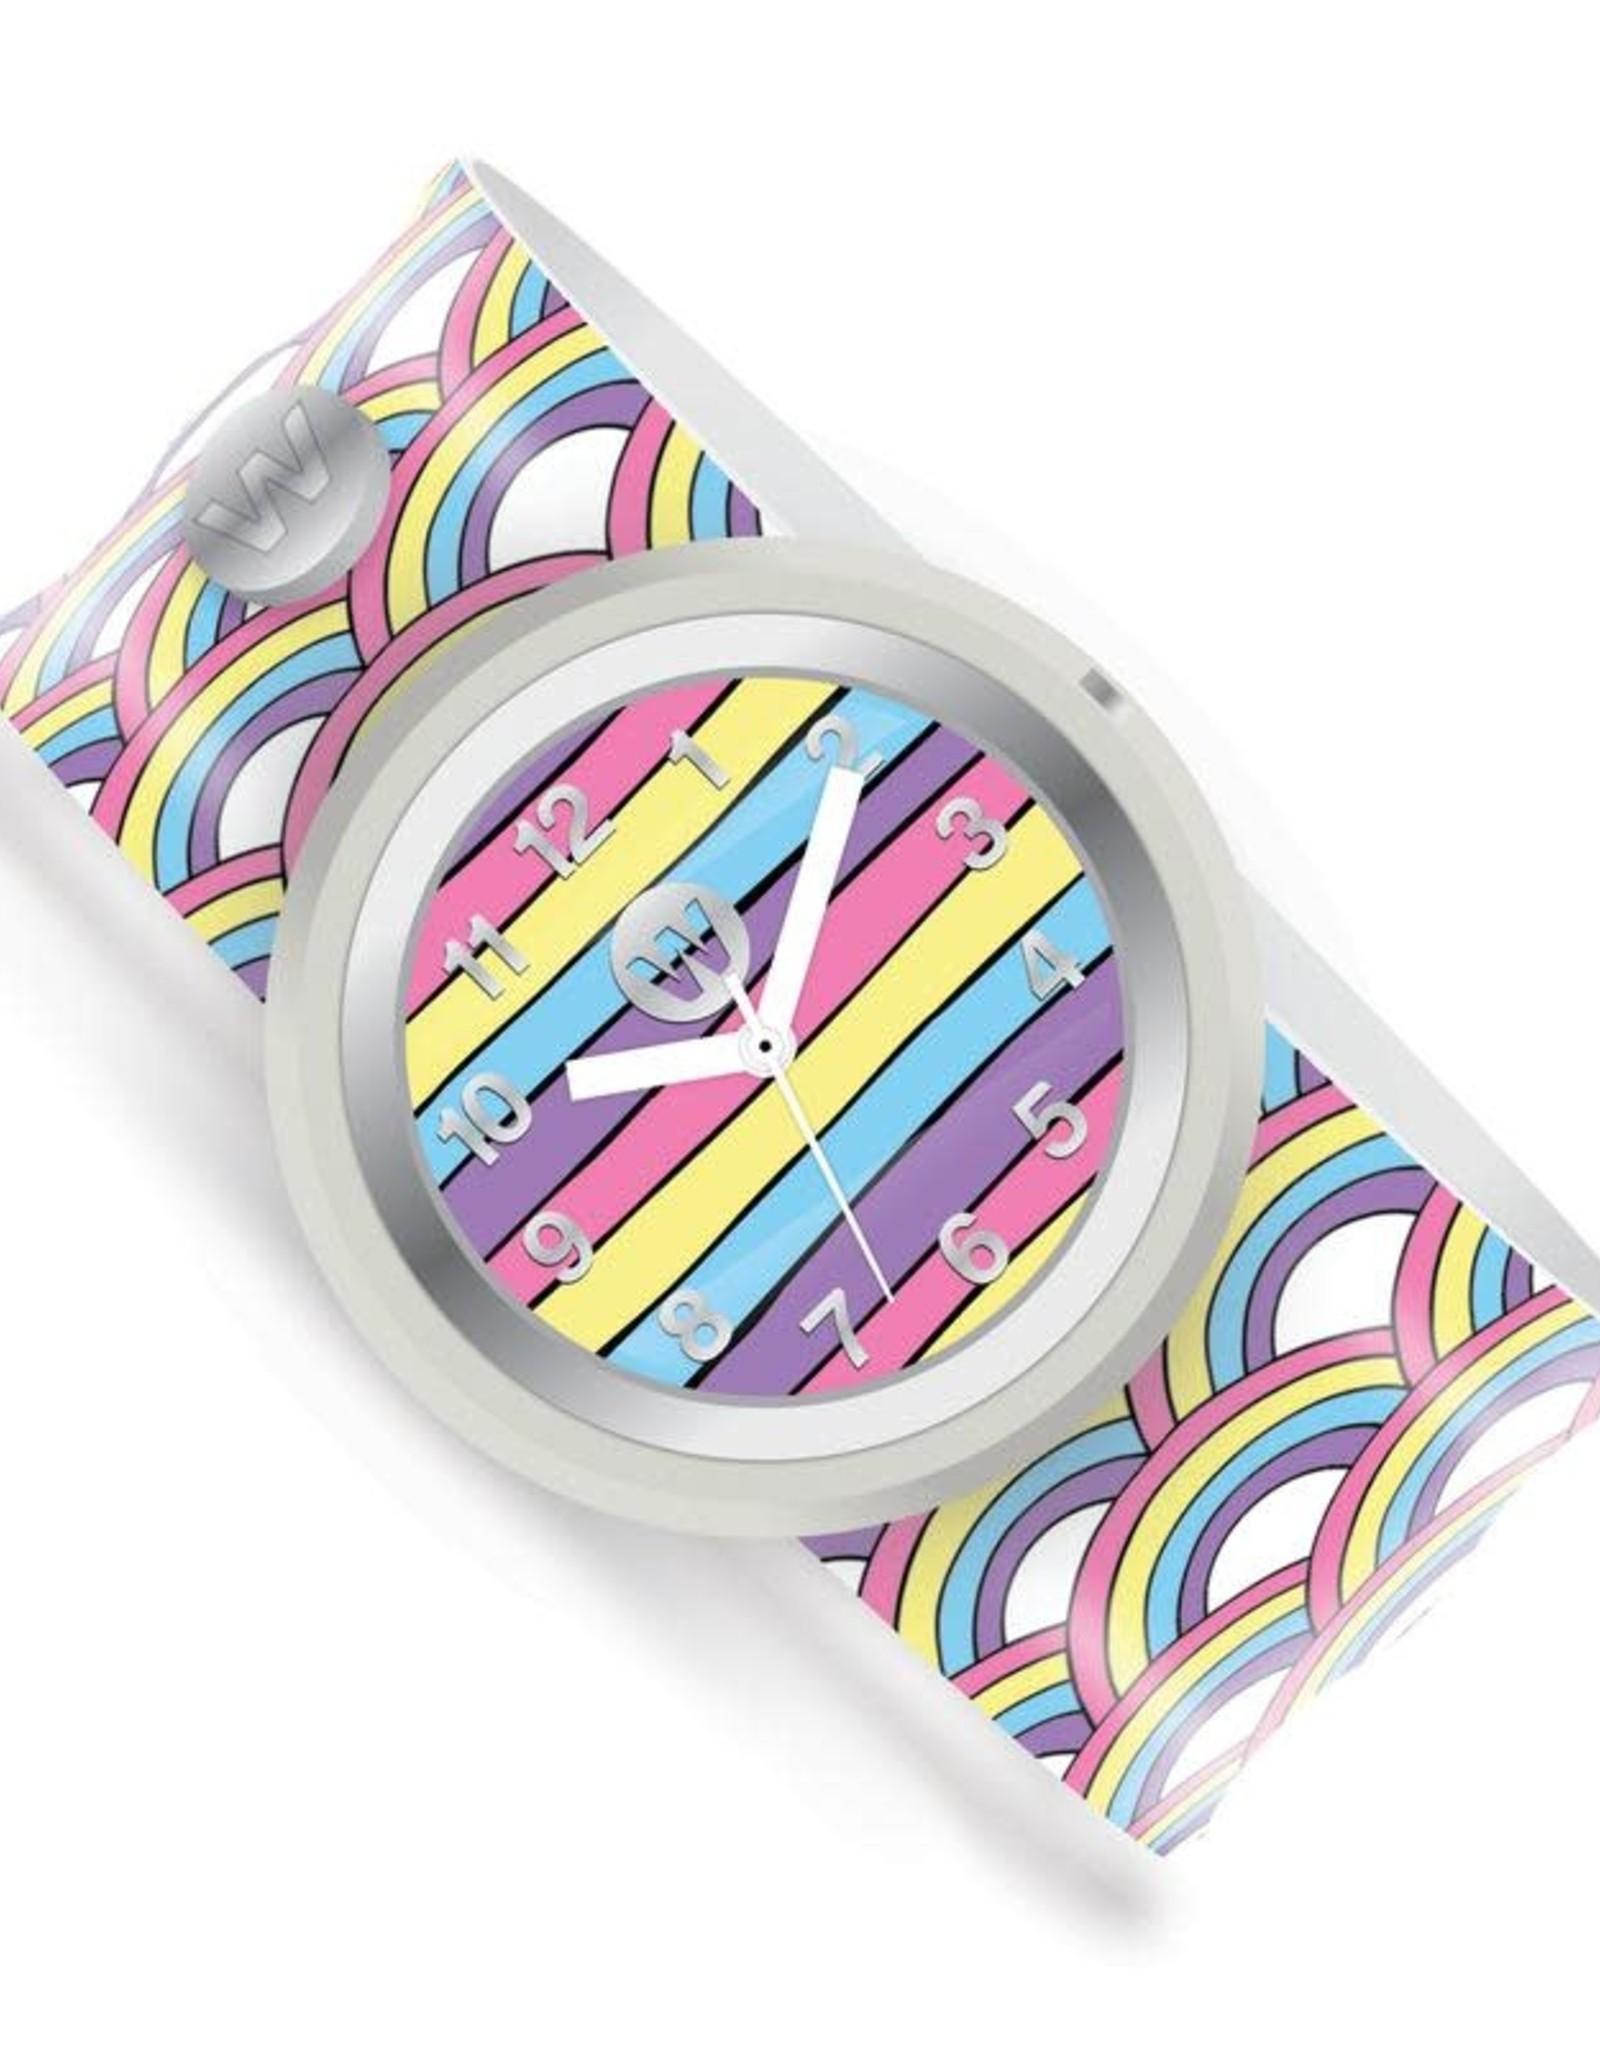 Watchitude Watchitude Slap Watch- Rainbow Playground